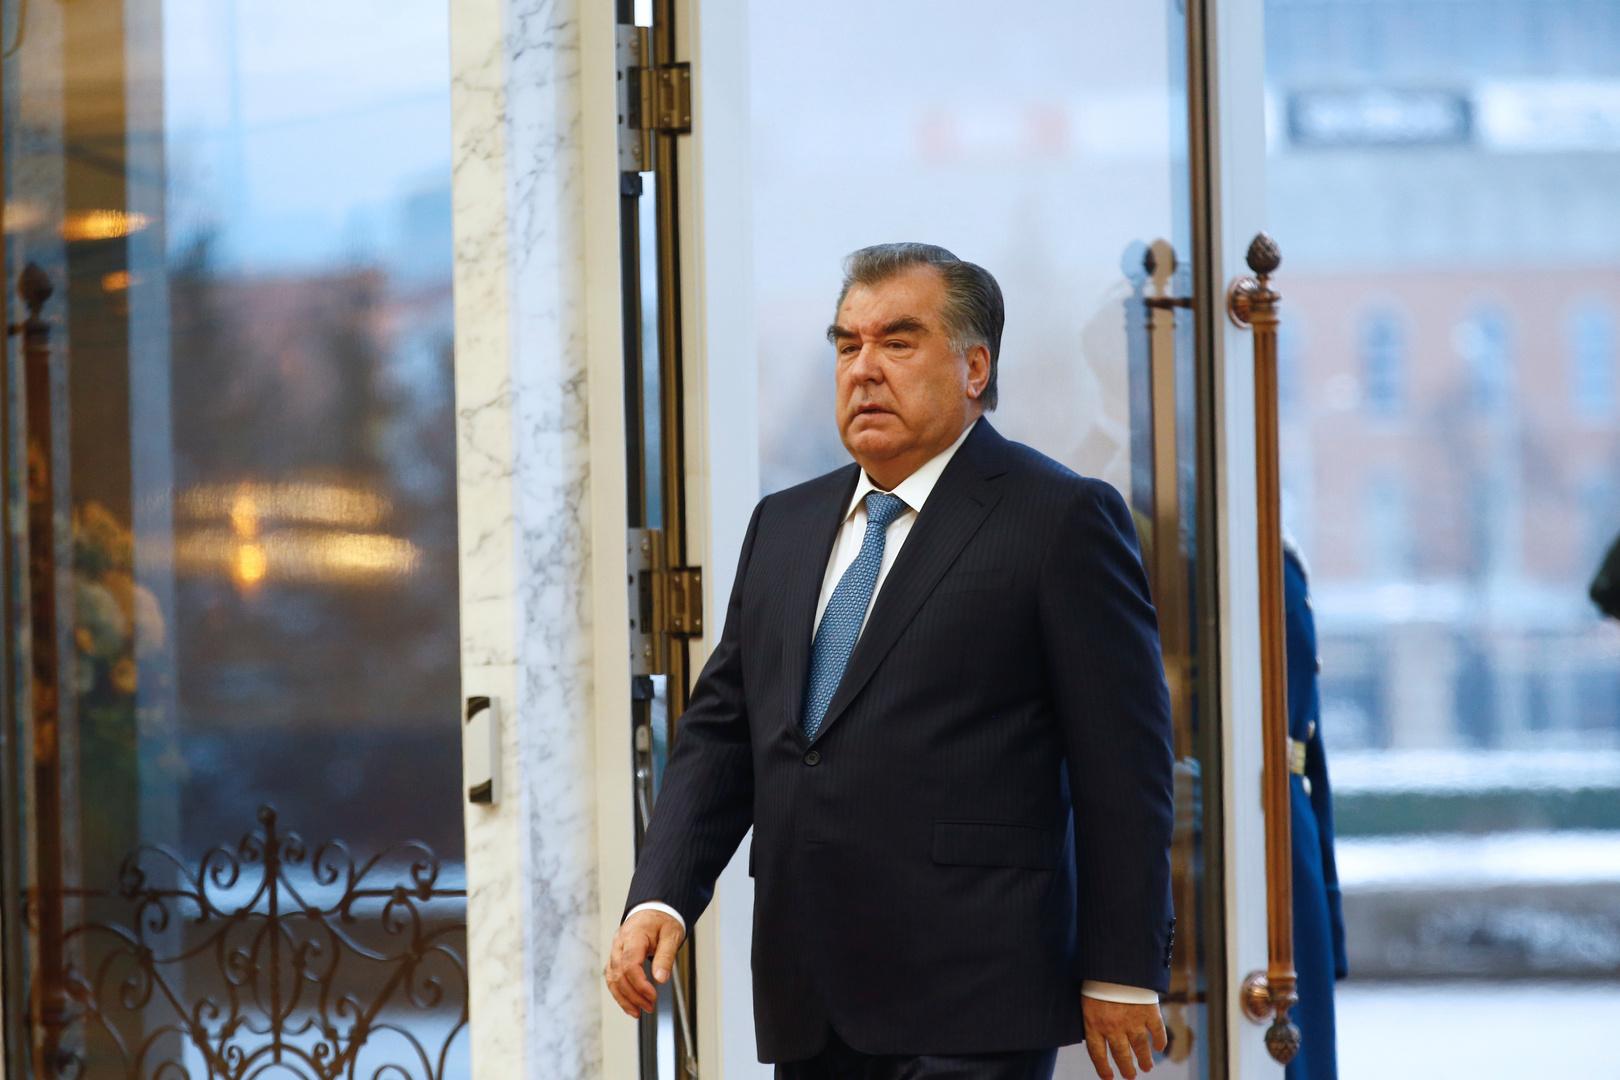 رئيس طاجيكستان يستقبل نظيره القرغيزي في دوشنبه بعد الاشتباكات المسلحة بين البلدين